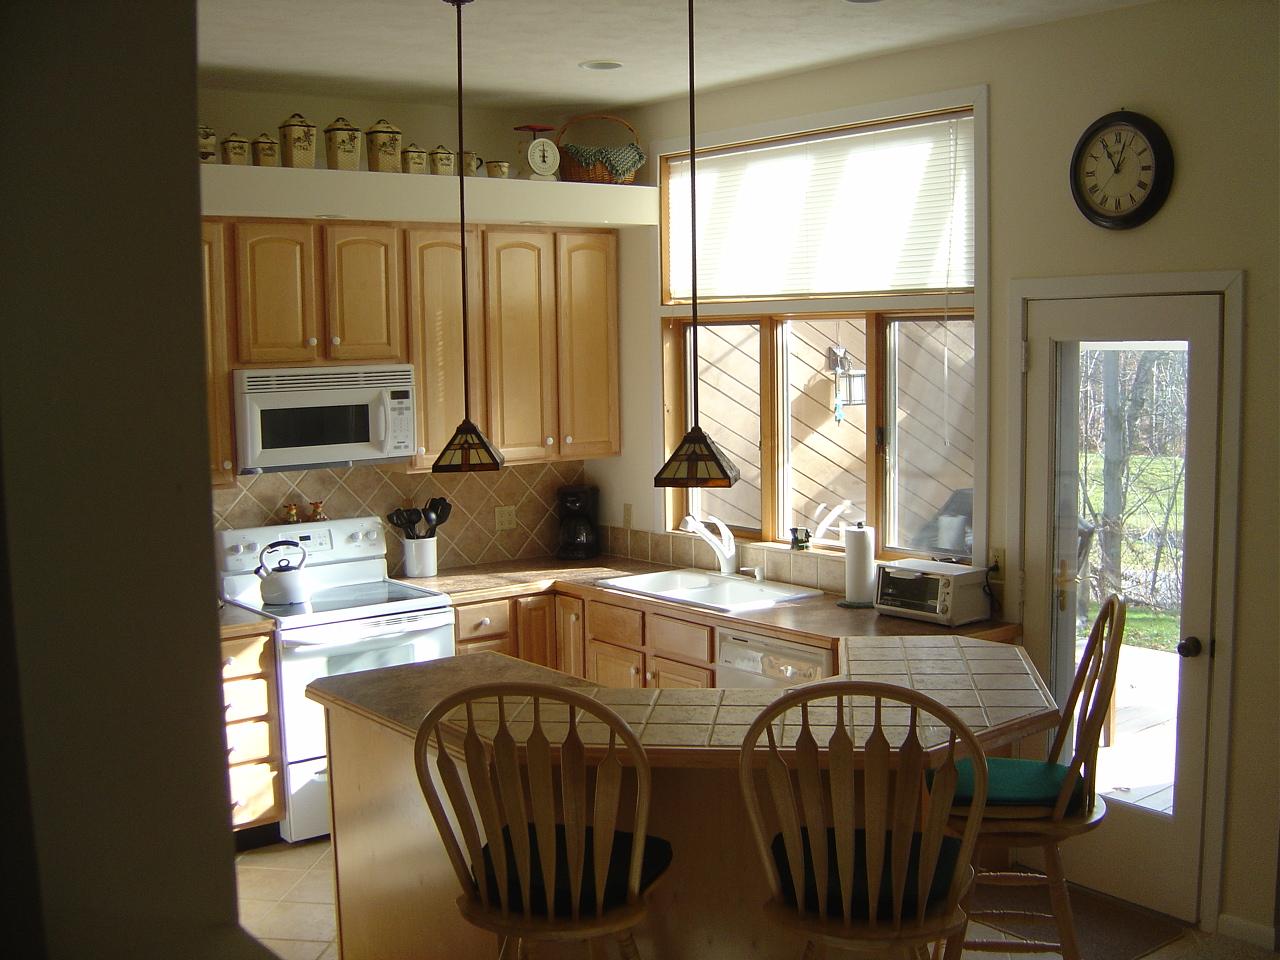 https://0201.nccdn.net/1_2/000/000/0ca/105/kitchen.jpg